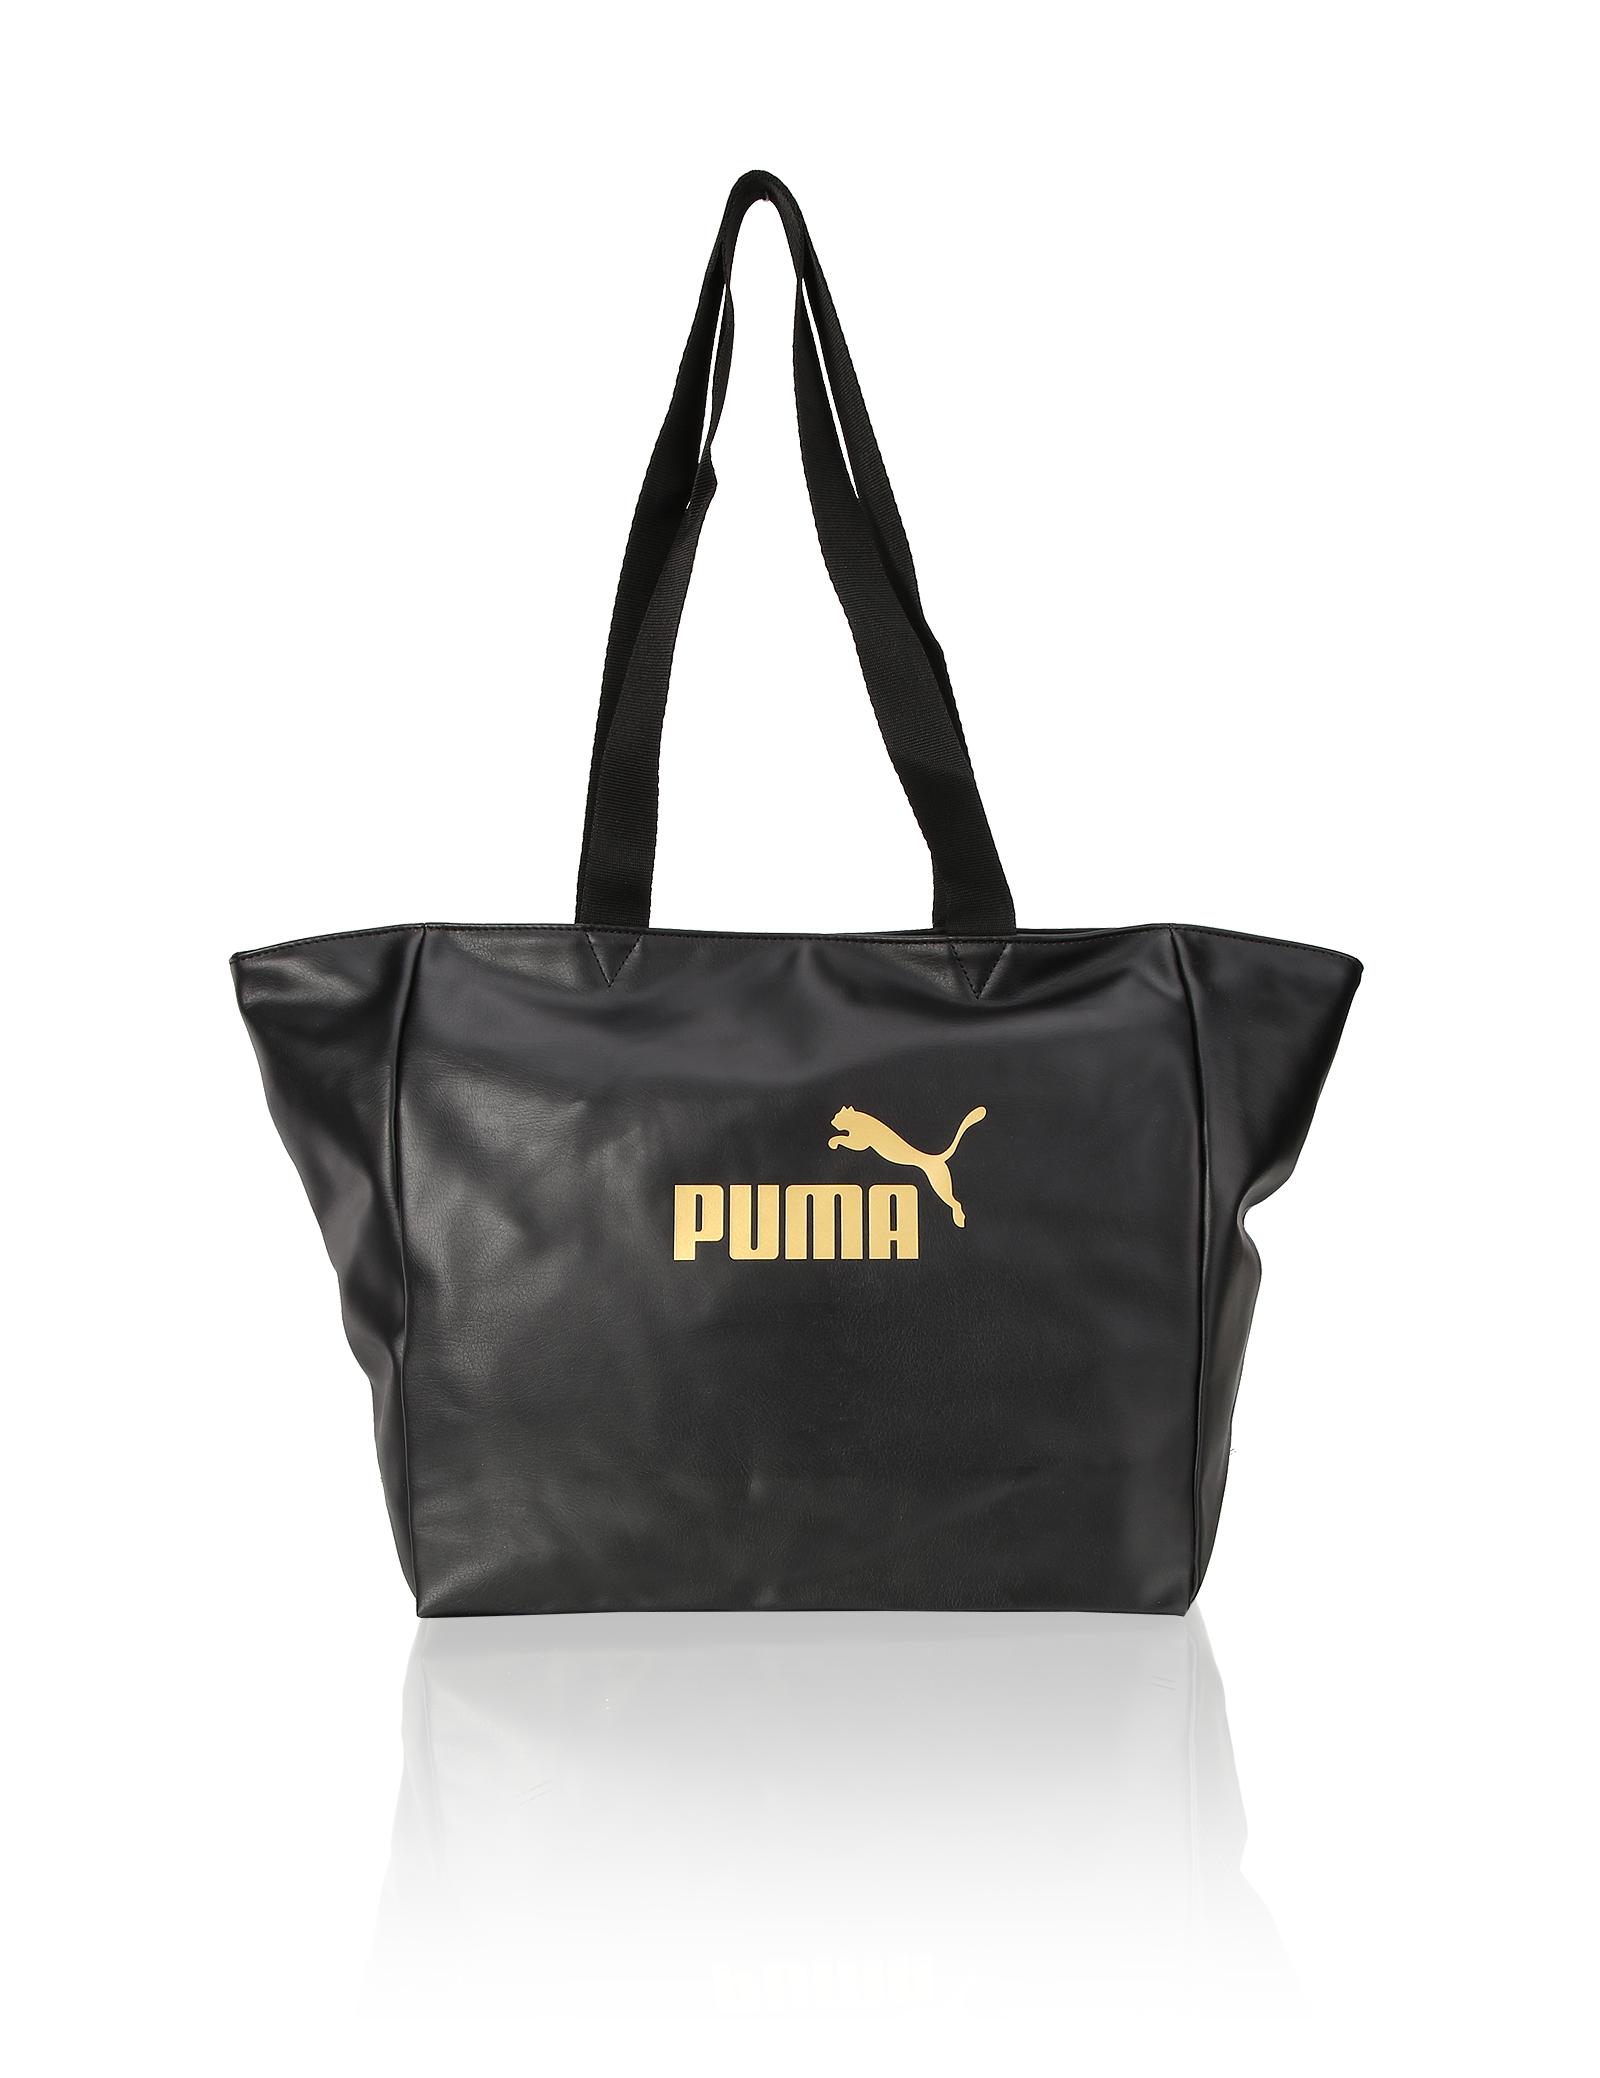 3aca121b43b87 Taschen Puma Shopper Kaufen Auf Damen Online 4ARjL5